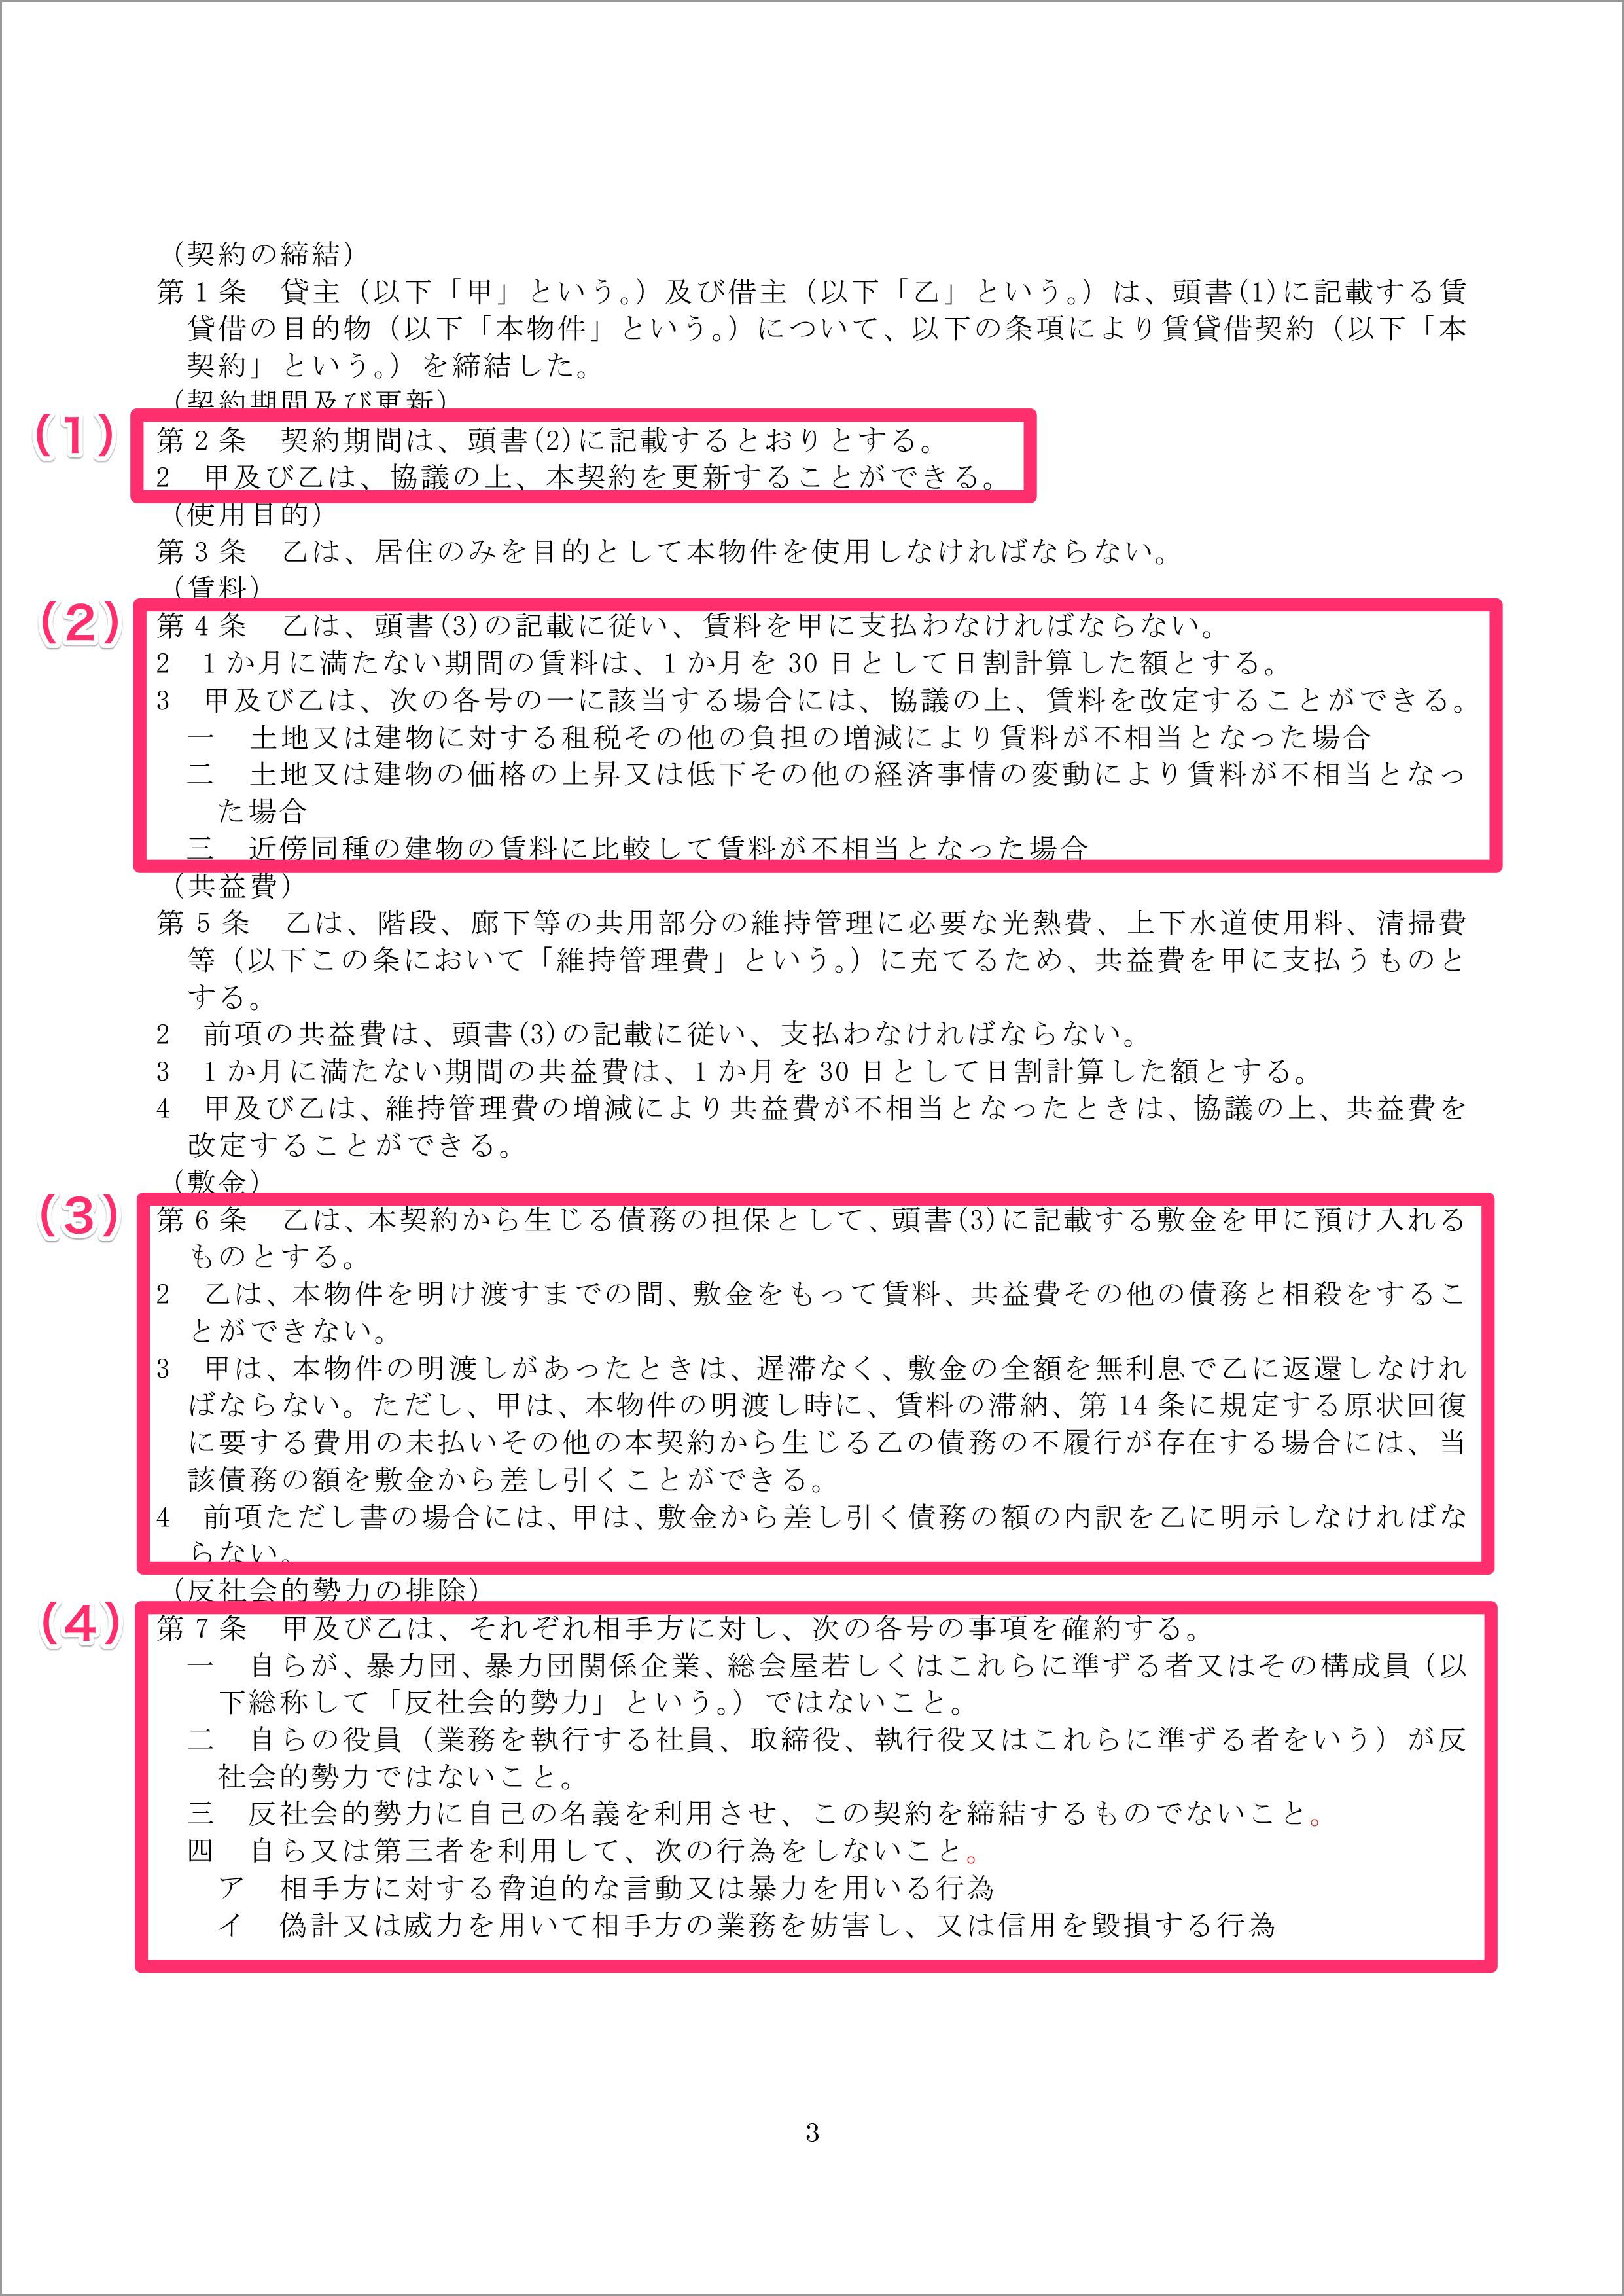 (1)契約期間と更新の定め